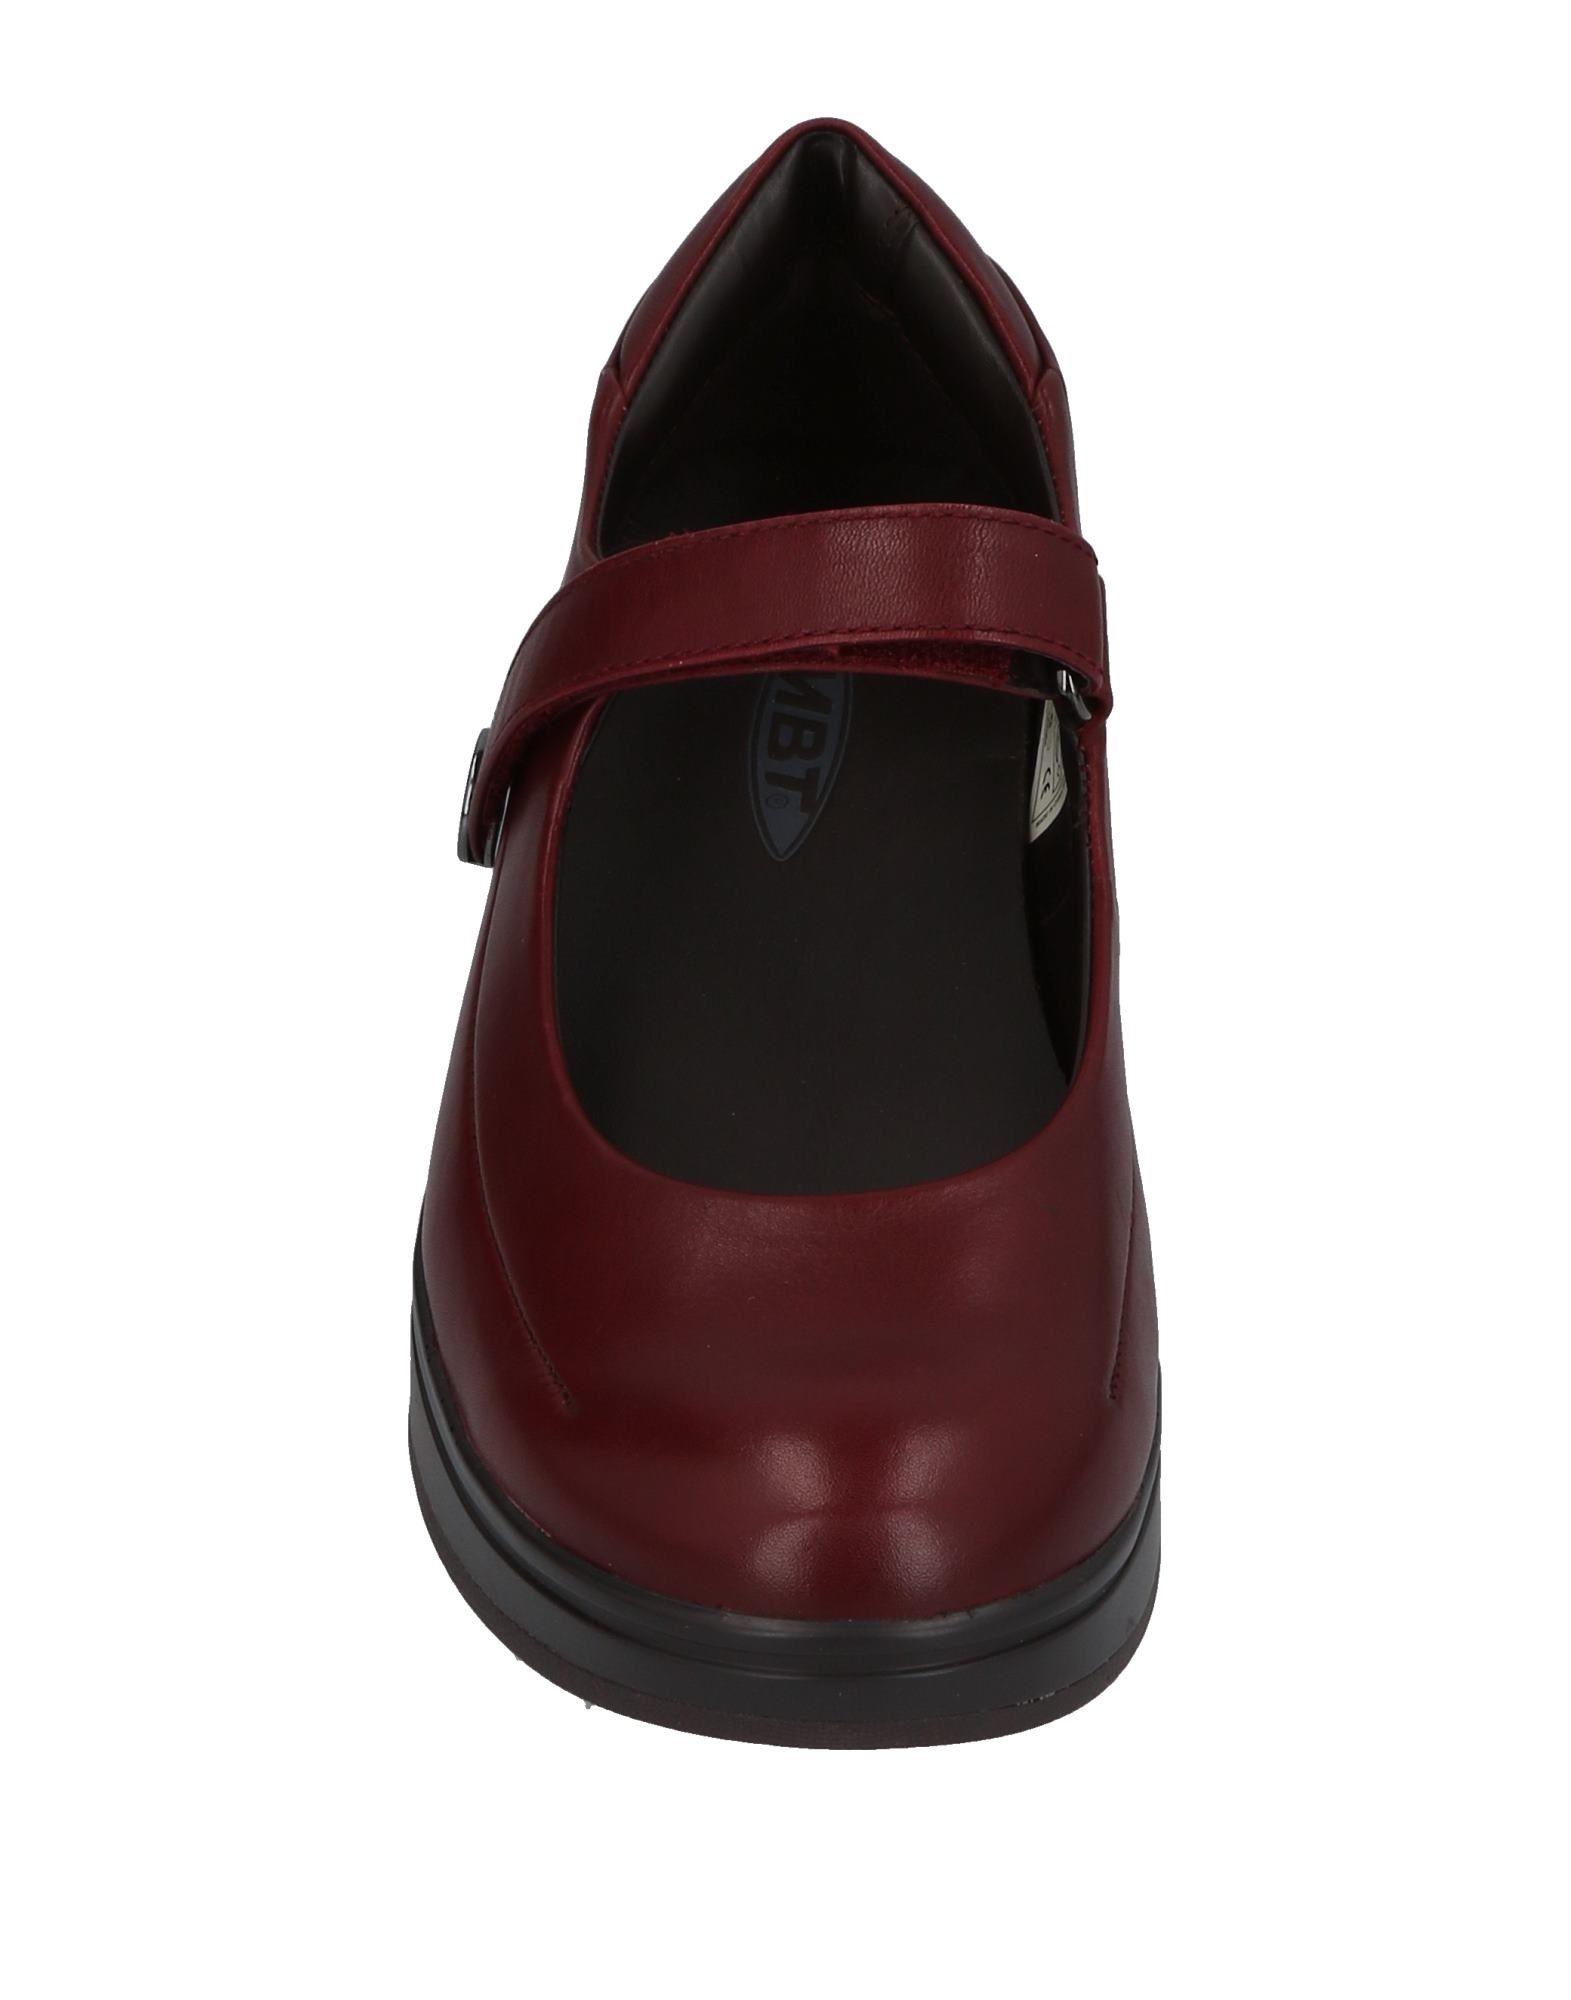 Stilvolle Stilvolle Stilvolle billige Schuhe Mbt Ballerinas Damen  11458237XB 5e0b60